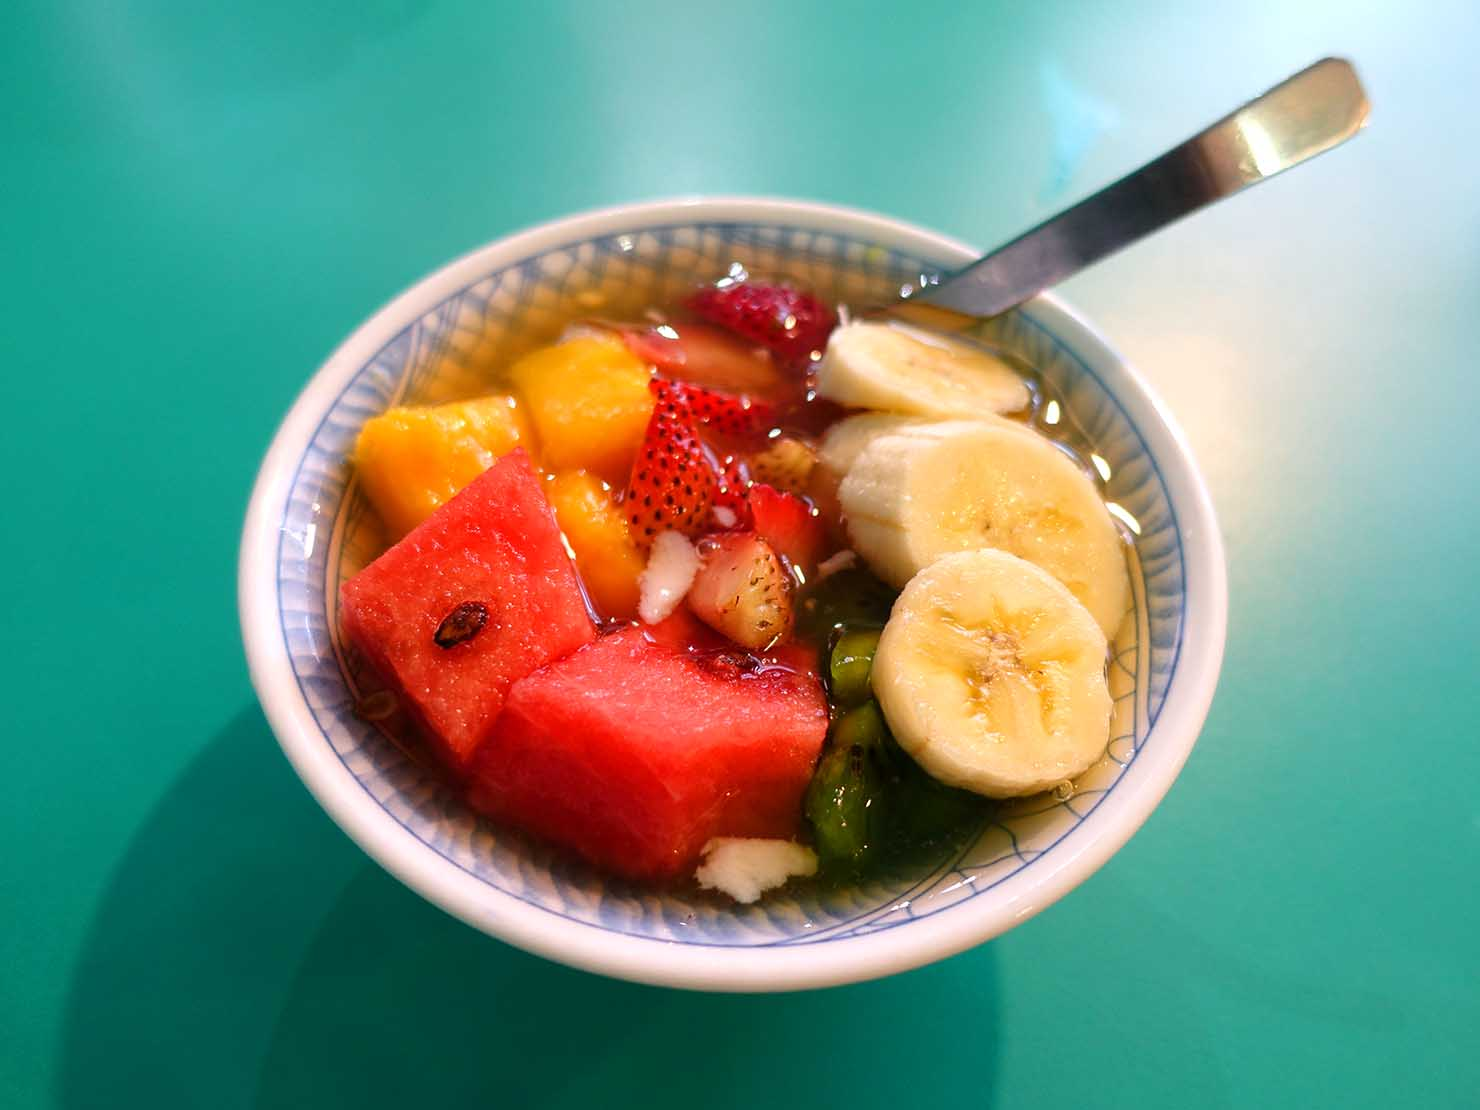 台北・永康街の豆花がいただけるお店「芋頭大王」の水果豆花